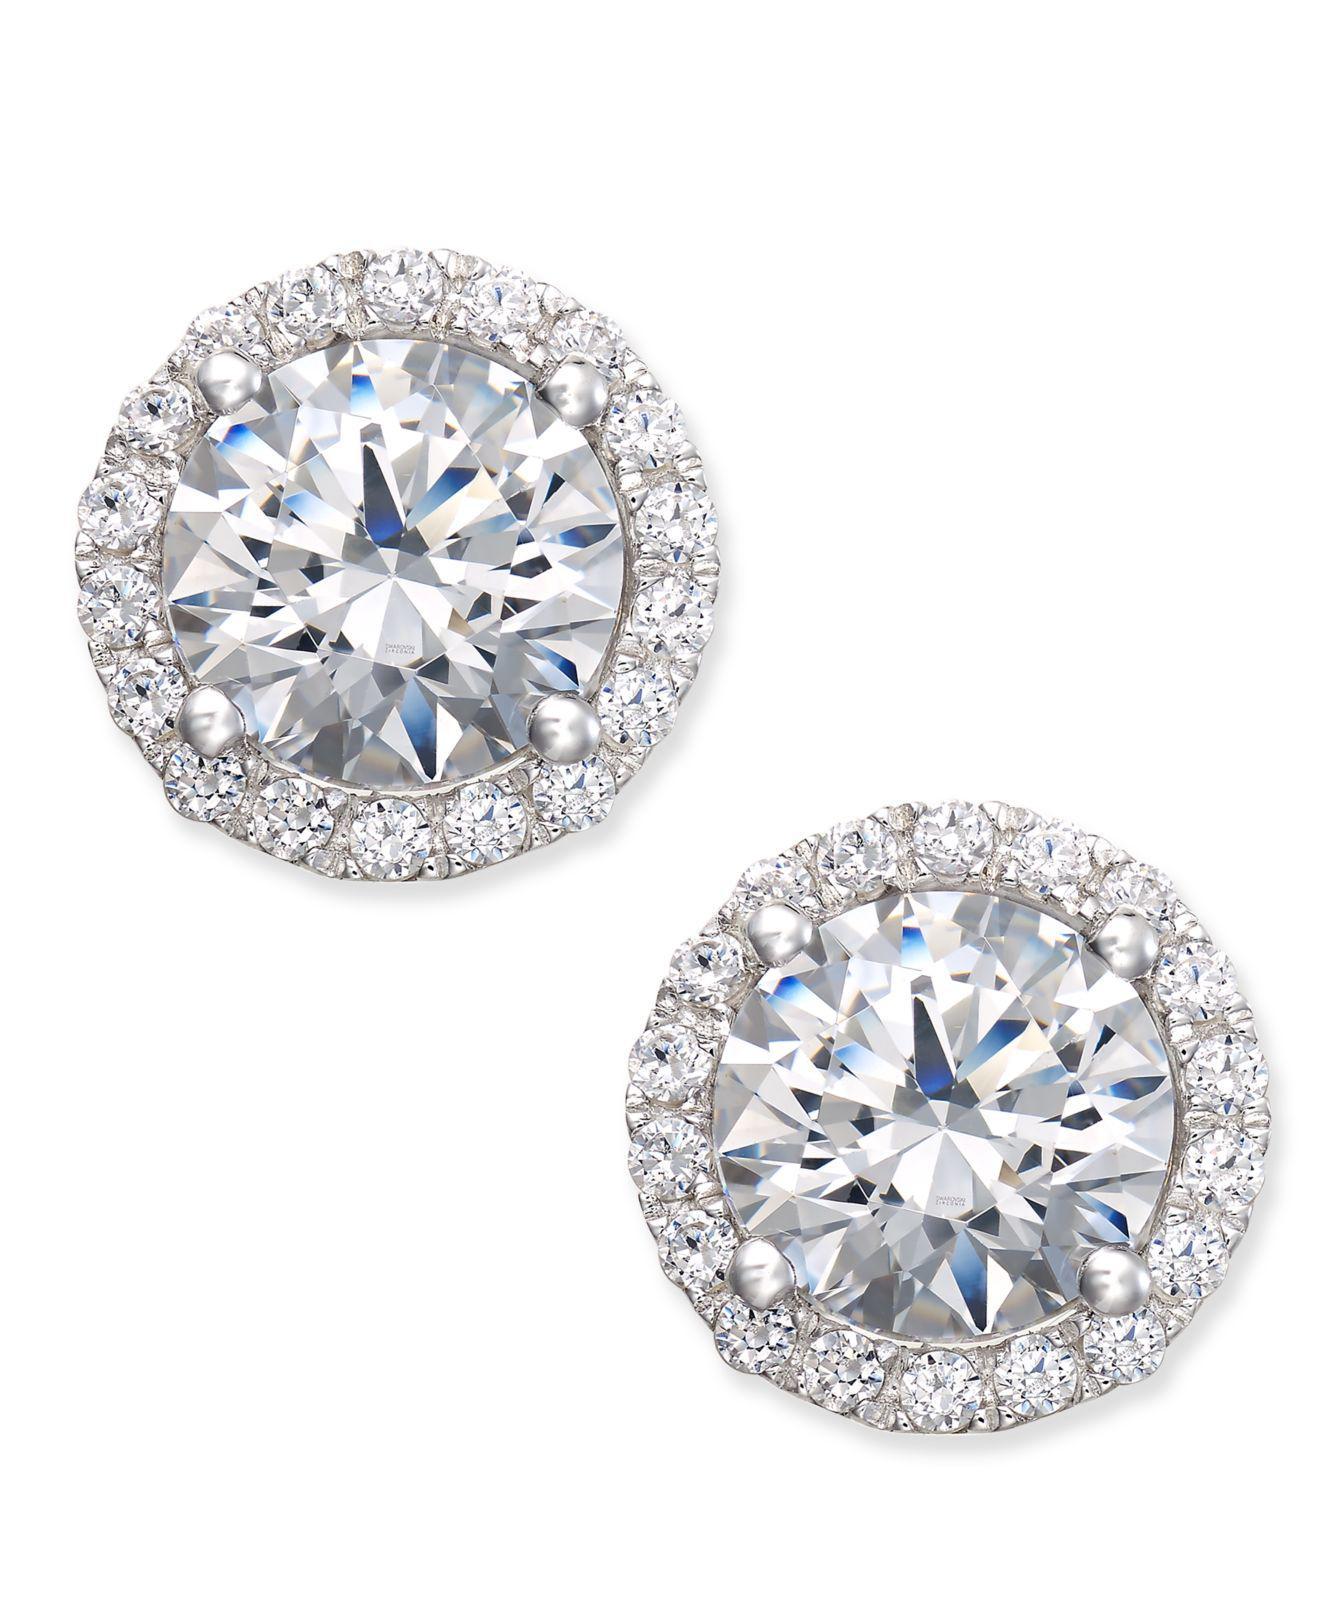 eba208eab Lyst - Arabella Swarovski Zirconia Halo Stud Earrings In Sterling ...